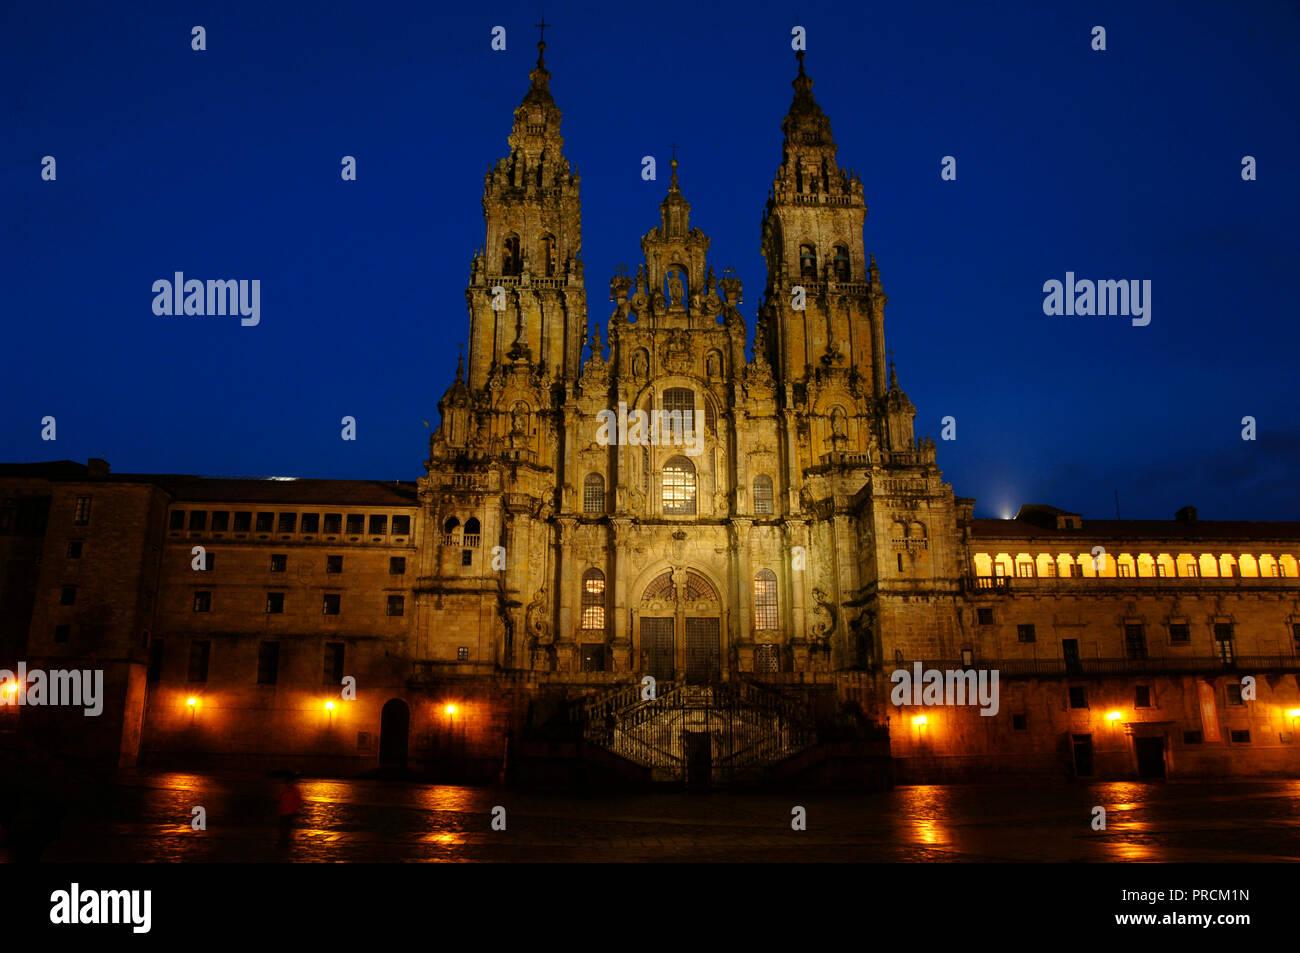 Santiago de Compostela, La Coruna province, Galicia, Spain. Cathedral. Nigth view of the Obradoiro facade. It was built in 18th century, in Baroque style, designed by Fernando de Casas Novoa (¿1670?-1750). Stock Photo